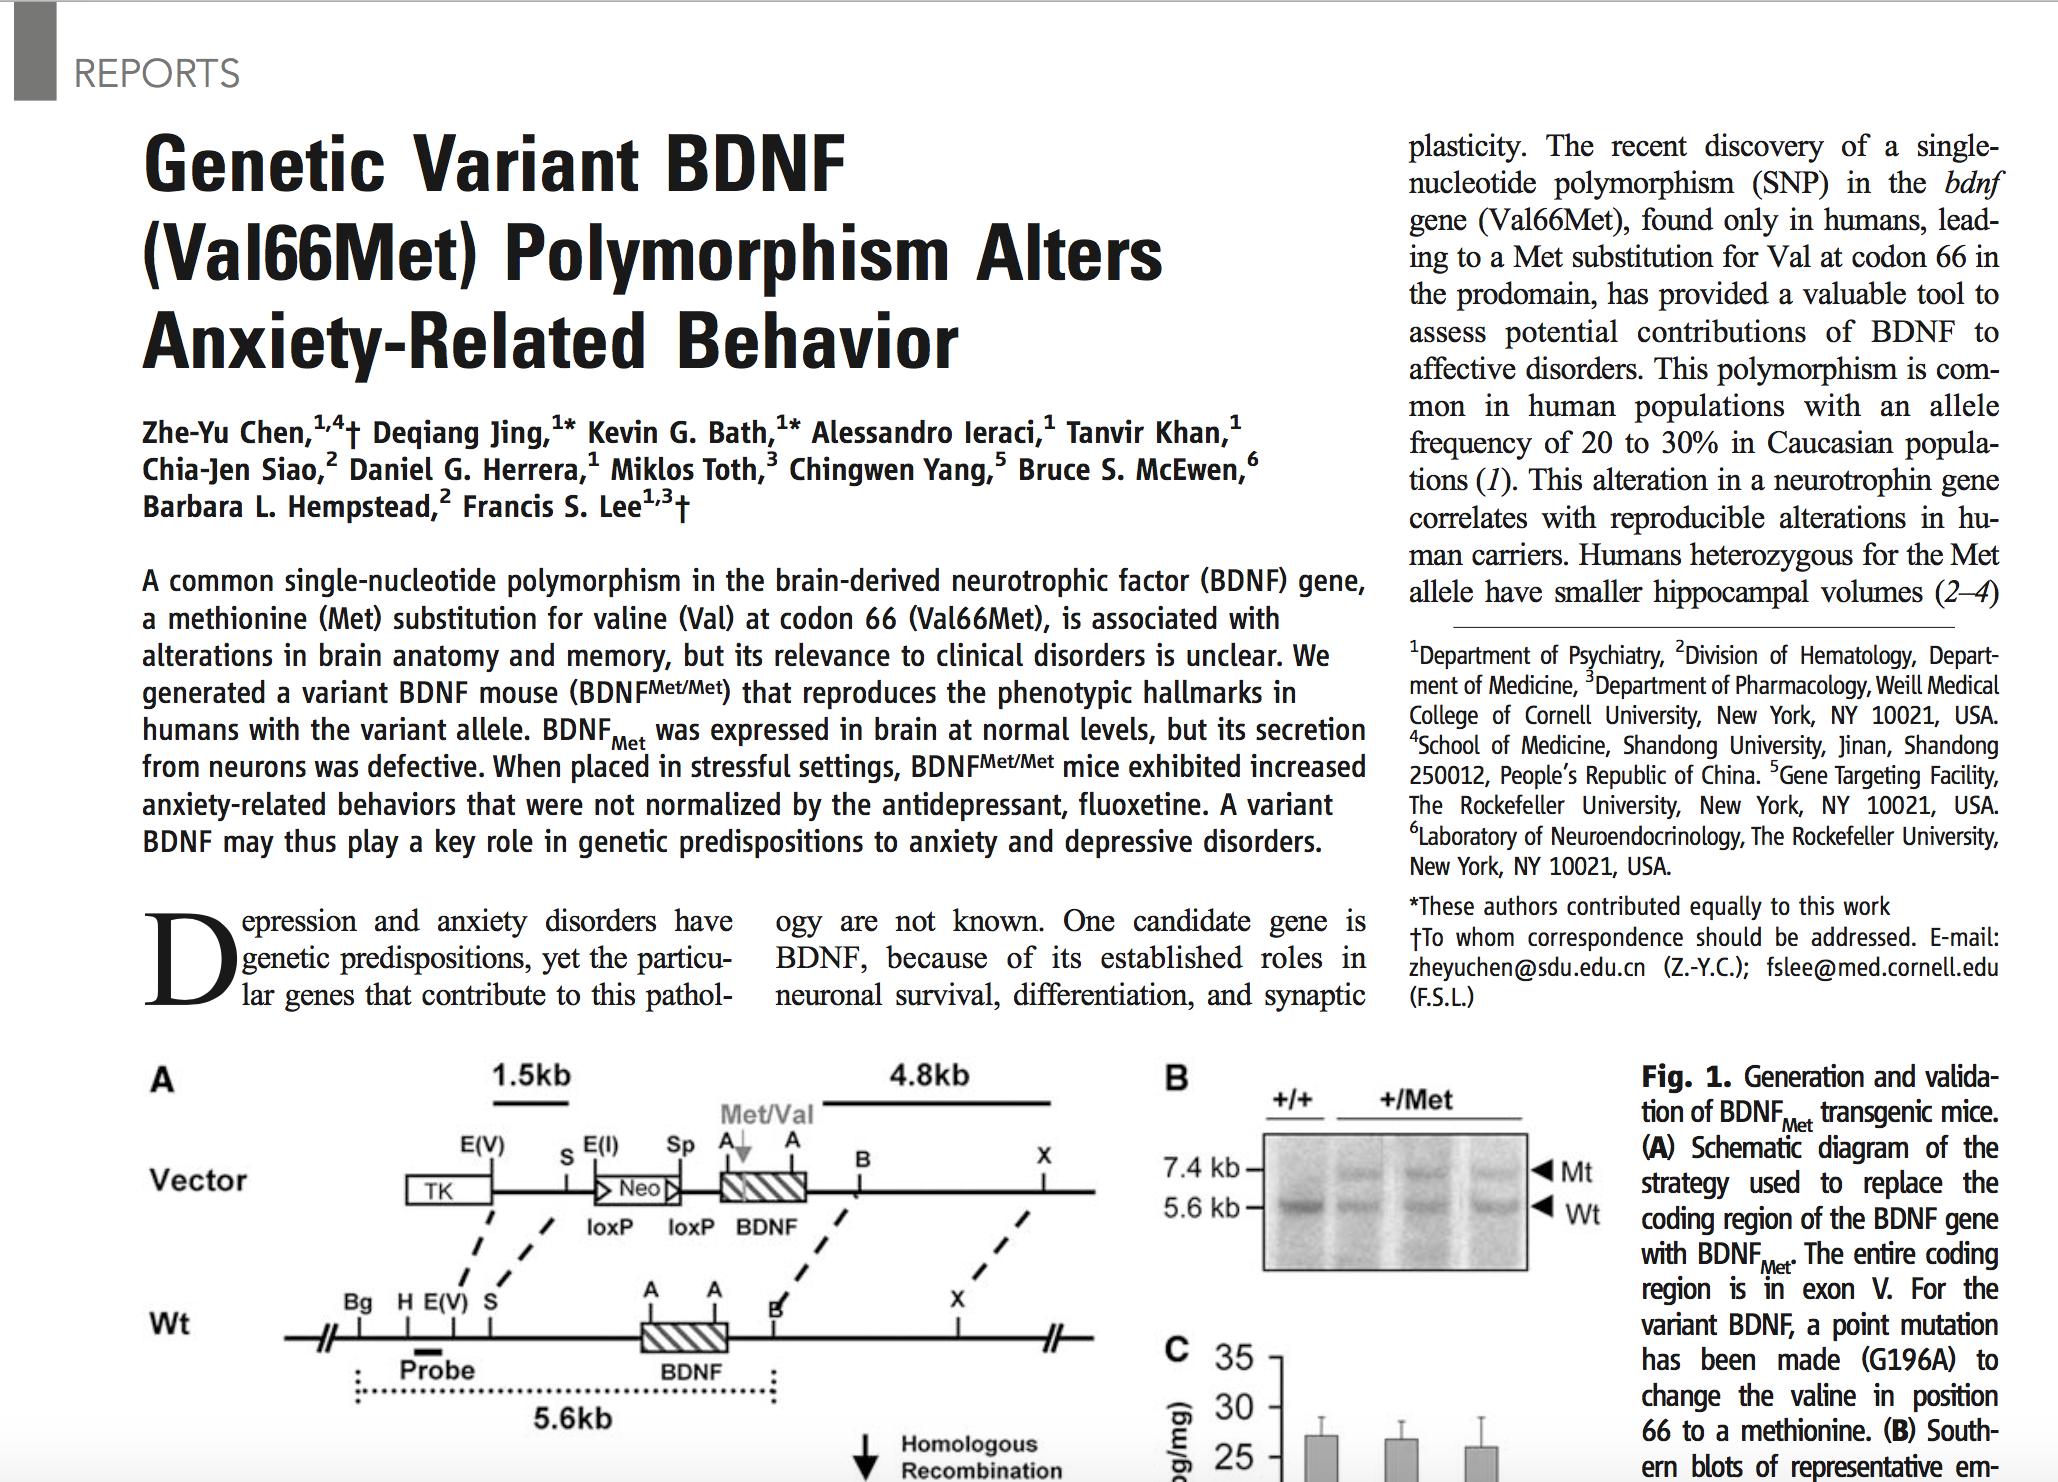 Chen et al., 2006.   Science.